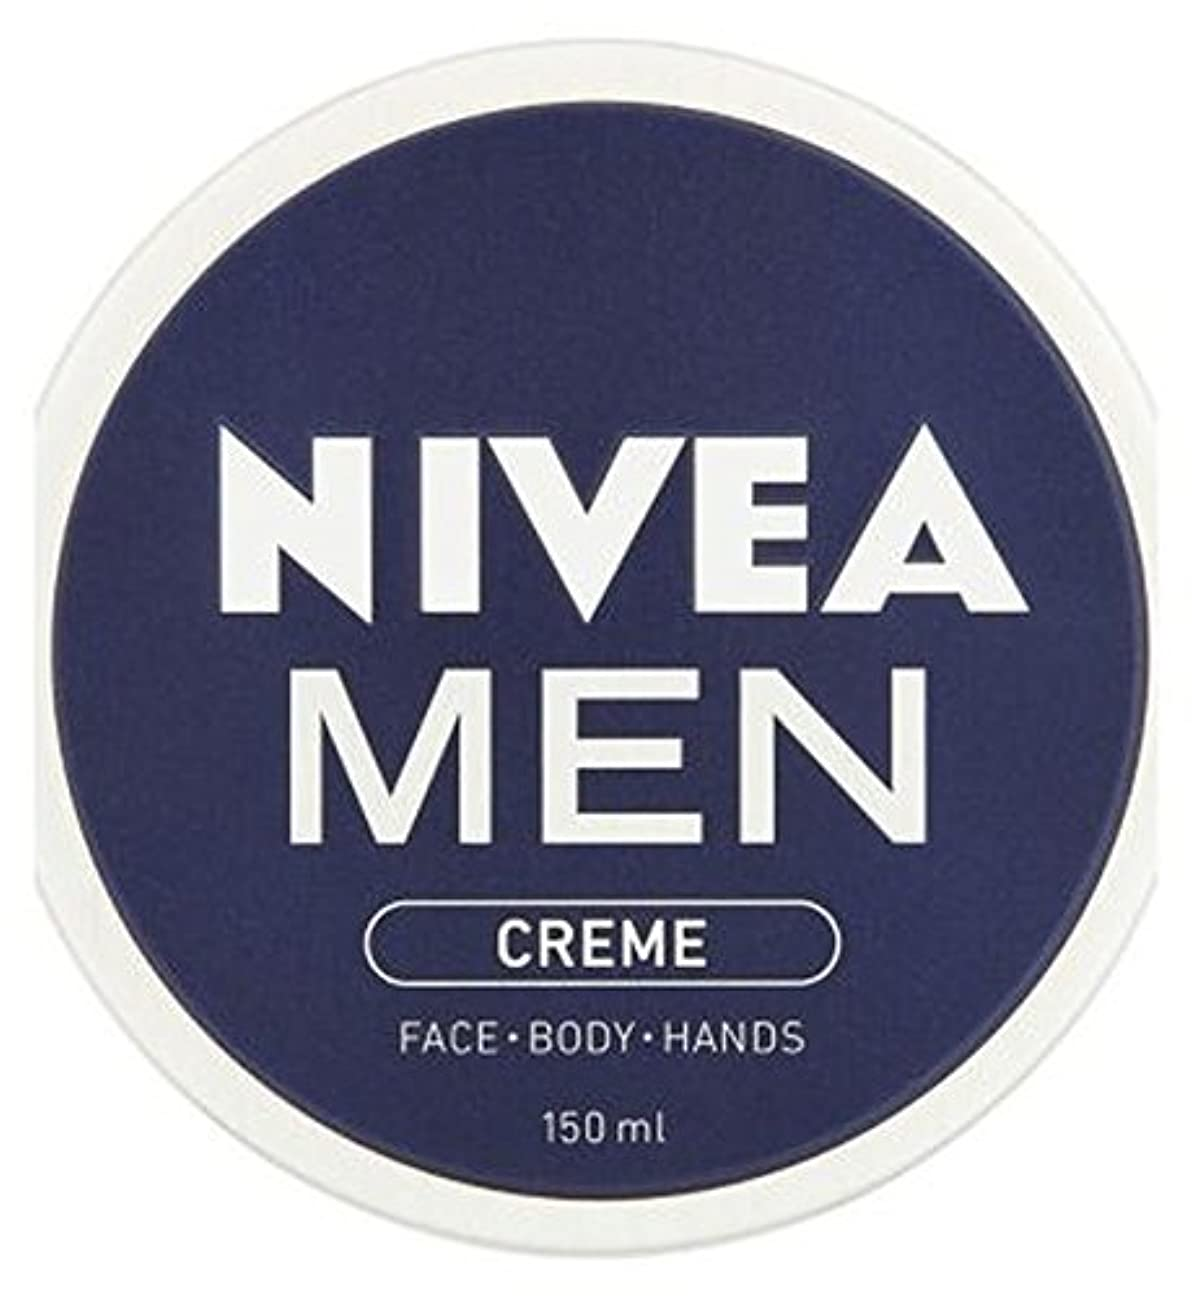 脱獄カールバーマドNIVEA MEN Creme 150ml - ニベアの男性が150ミリリットルクリーム (Nivea) [並行輸入品]